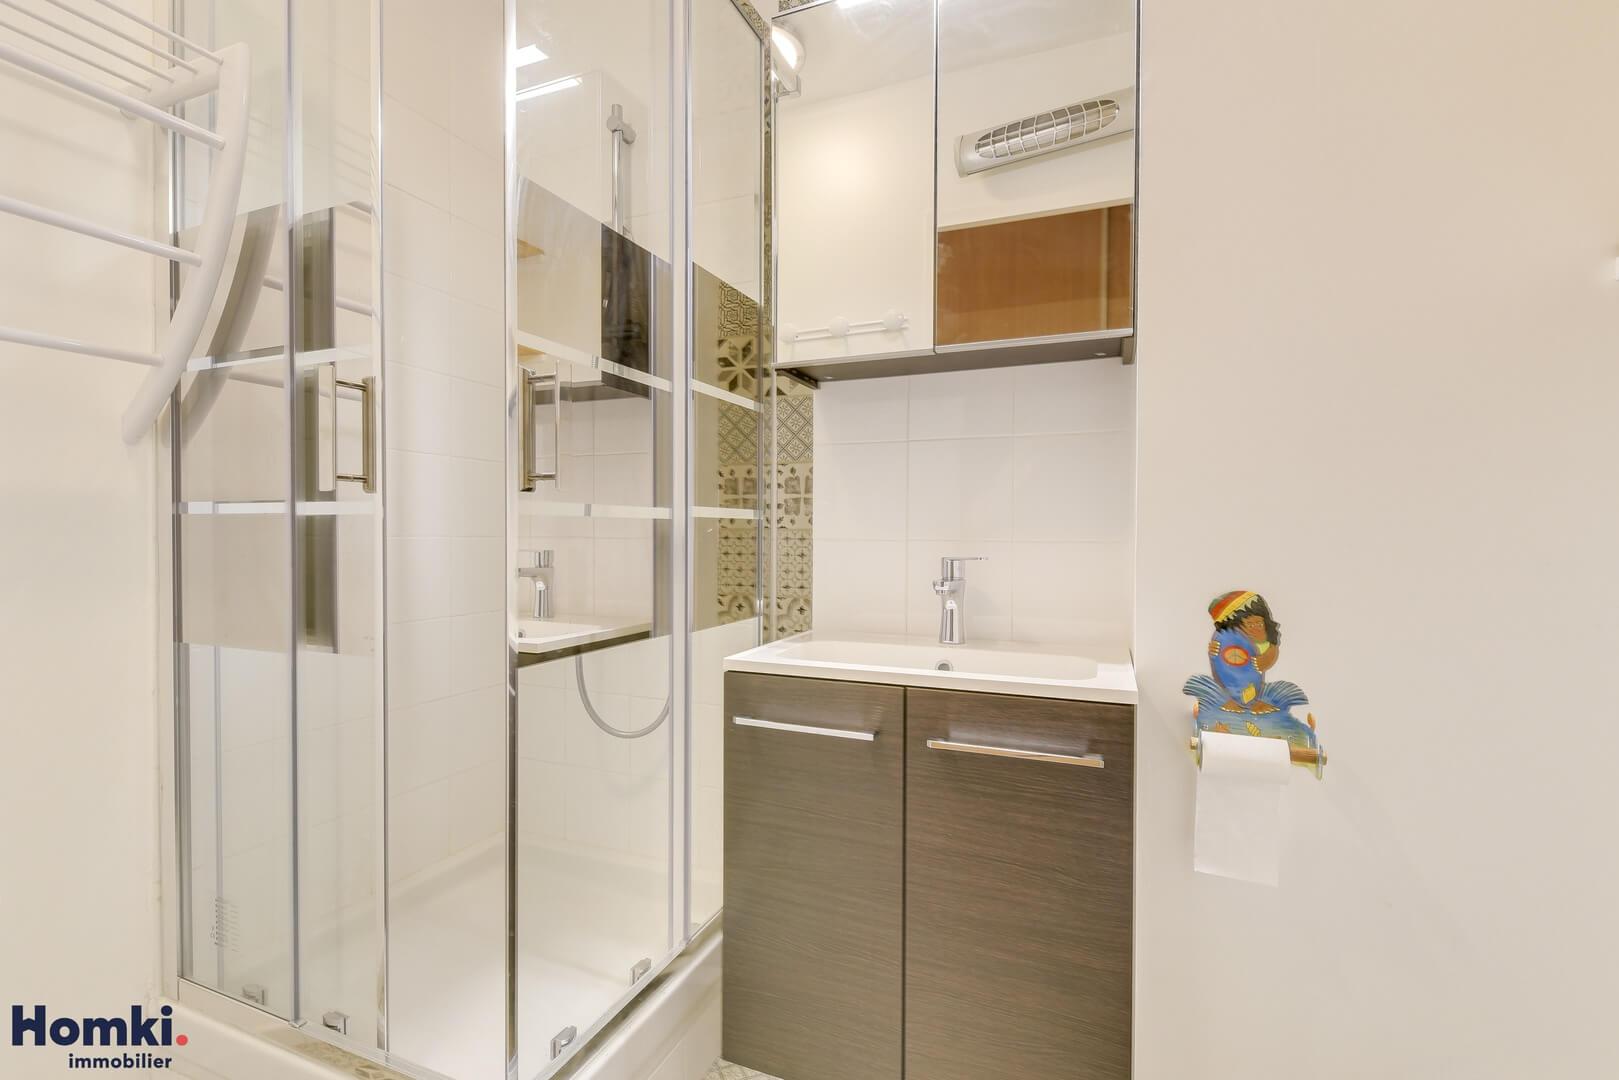 Homki - Vente Appartement  de 98.0 m² à montpellier 34000